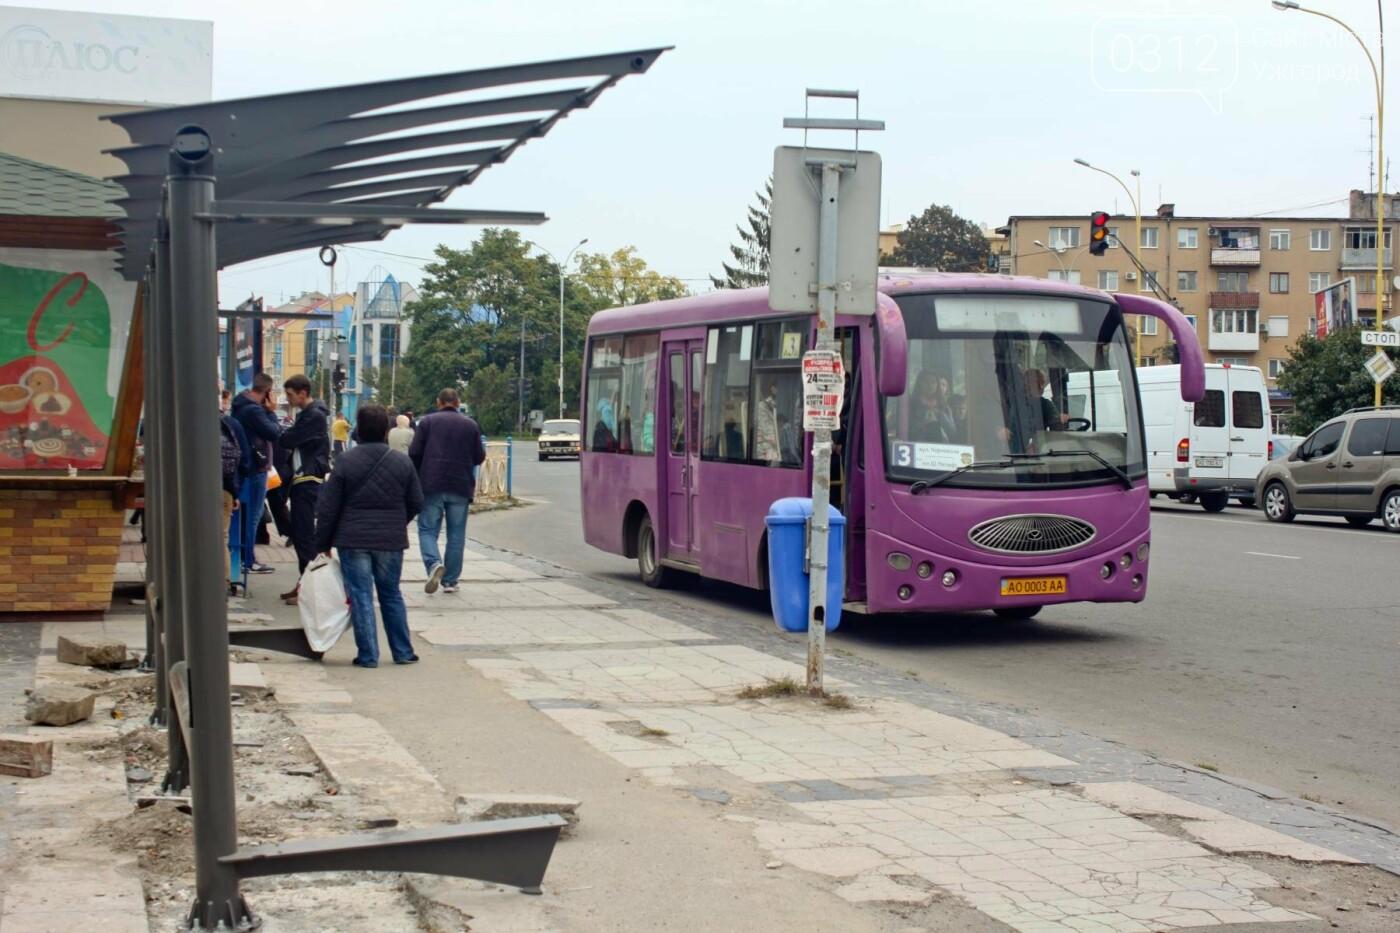 Нові зупинки в Ужгороді будуть до неділі, а вай-фай - за 3 тижні, фото-12